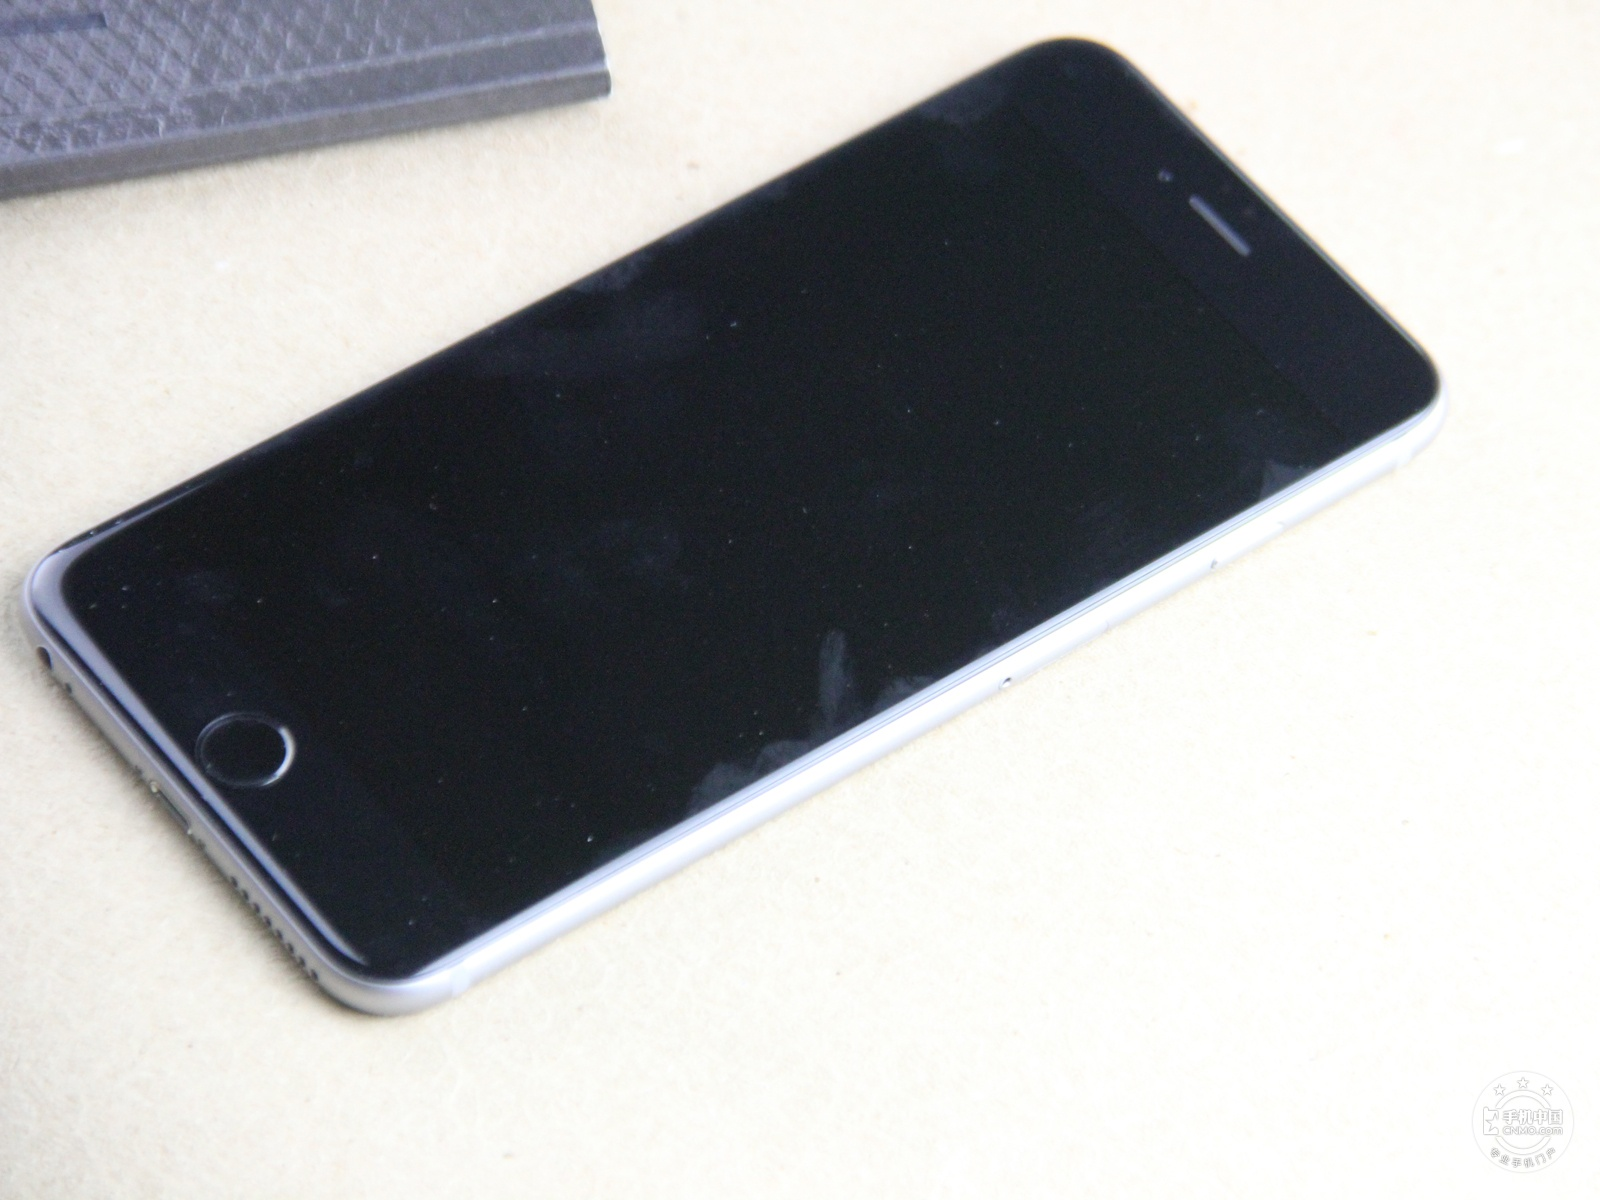 苹果iPhone6Plus(16GB)整体外观第7张